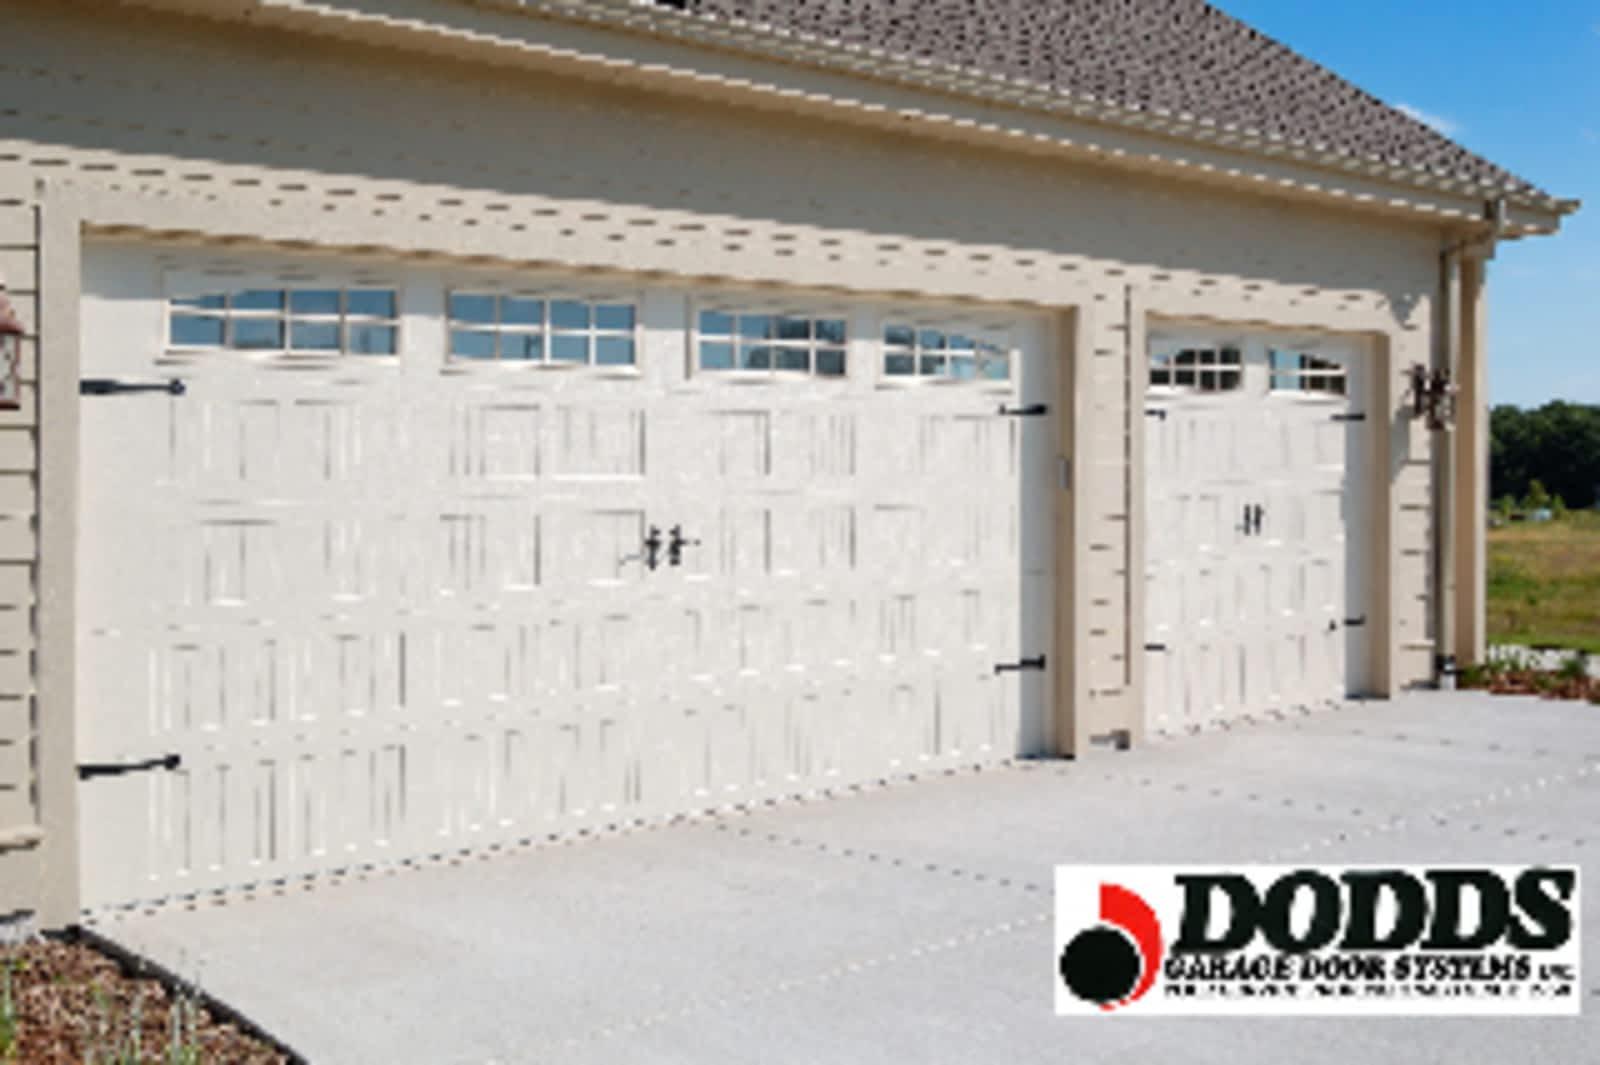 Garage door systems inc choice image doors design ideas dodds garage door system inc opening hours & Garage Door Systems Inc Choice Image - Doors Design Ideas pezcame.com